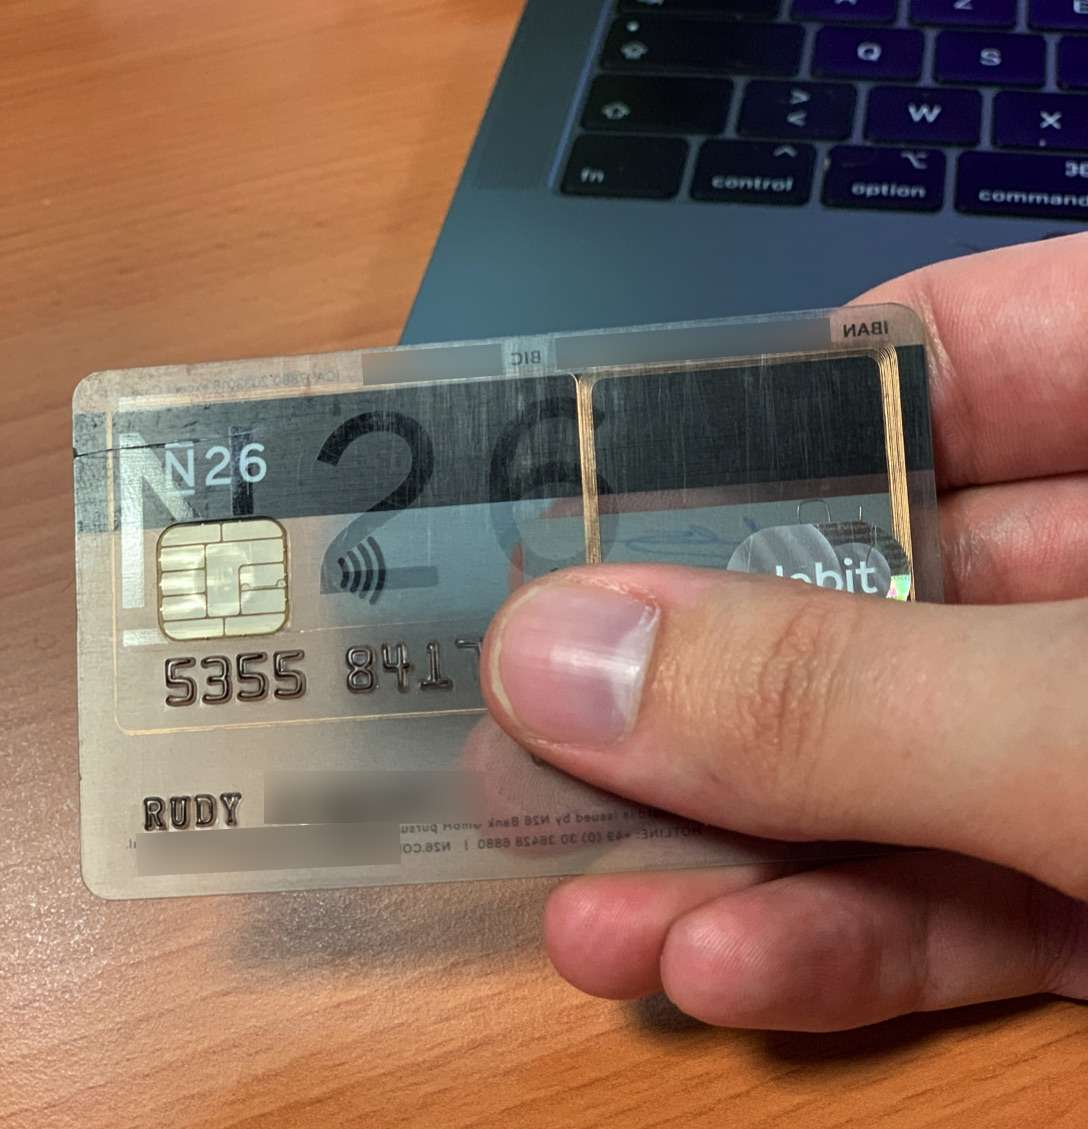 Carte Bancaire Black Gratuite.N26 La Meilleure Carte Bancaire Pour Voyager Aux Etats Unis